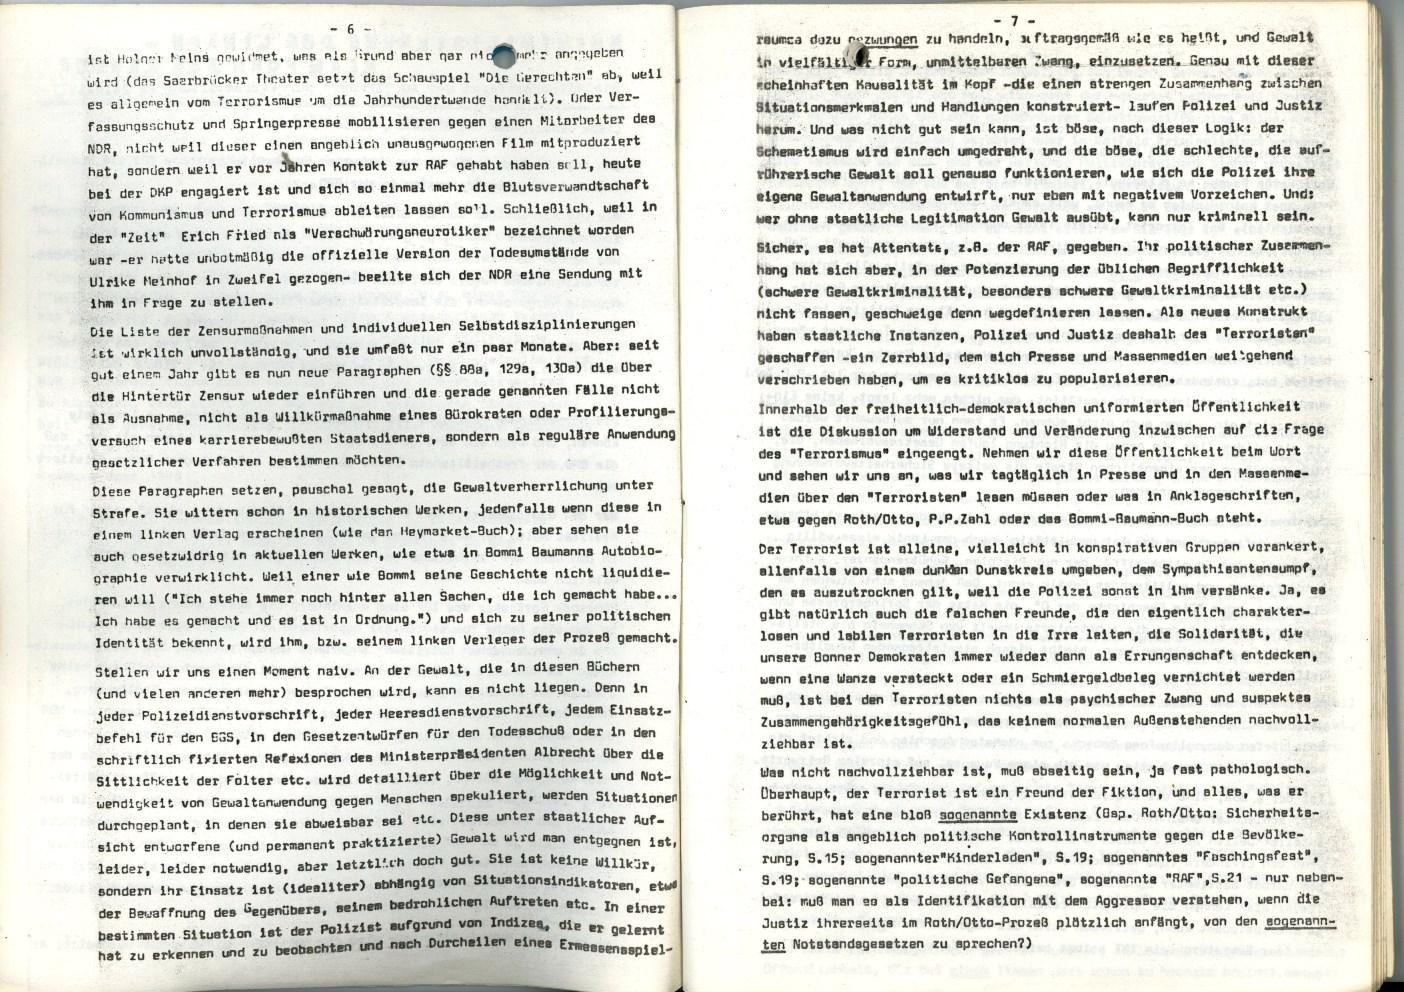 Hamburg_Vorbereitungsgruppe_Russell_Tribunal_Zensur_1978_04